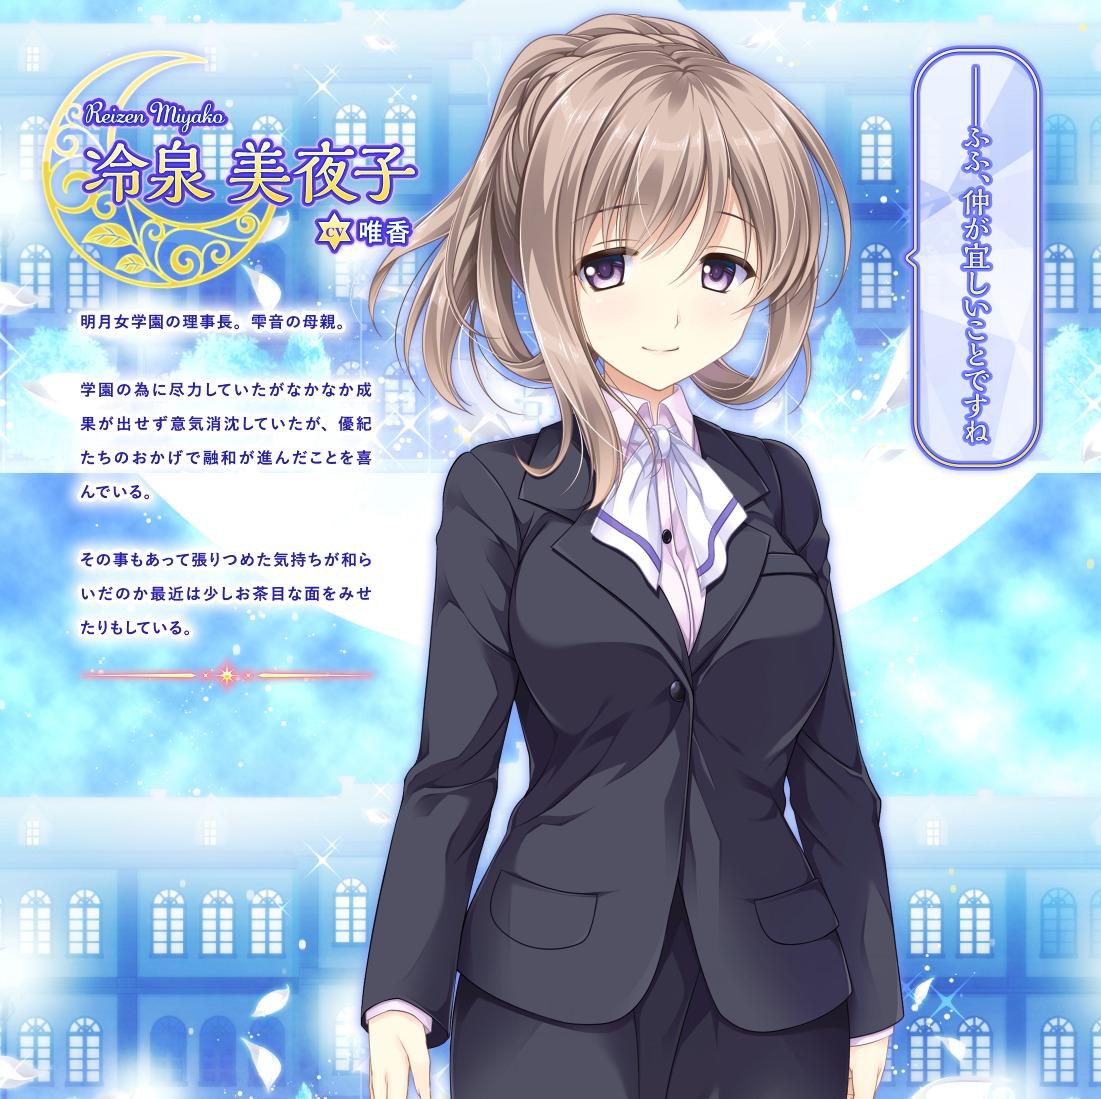 乙女が結ぶ月夜の煌めき Fullmoon Days 公式サイト Character:冷泉美夜子